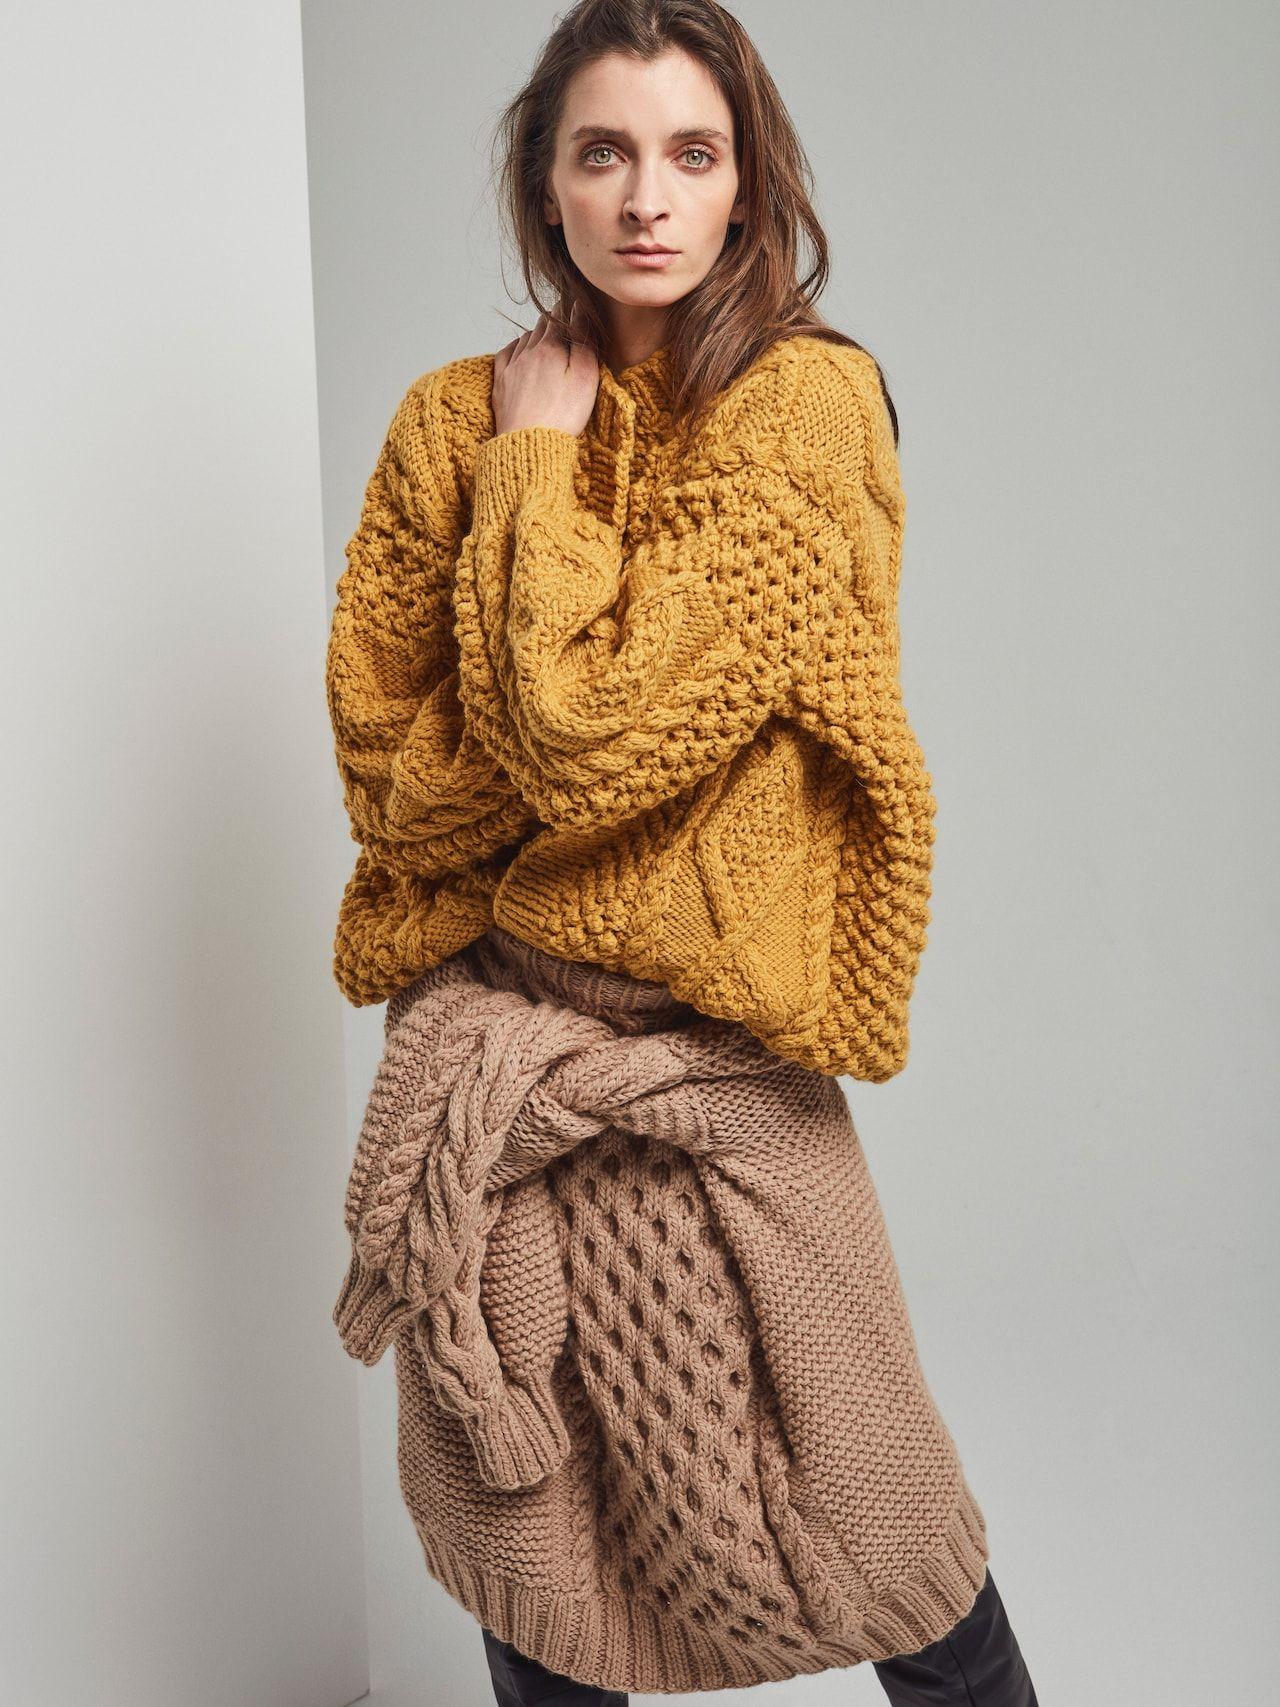 Simply Cozy Knitwear Design Sweater Design Knitwear